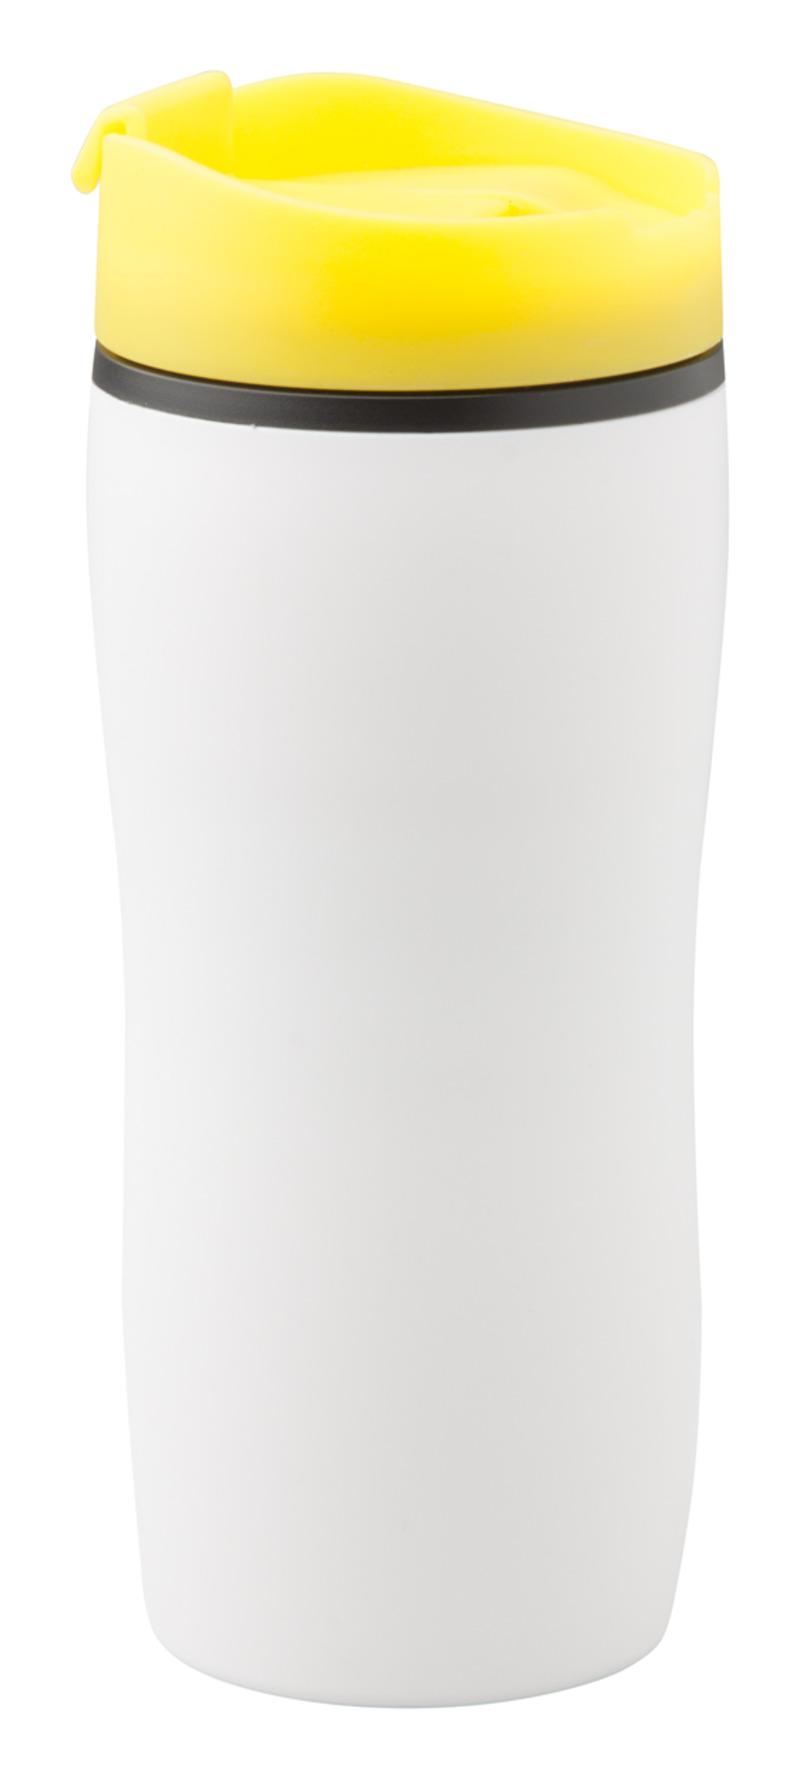 Coloby thermo mug